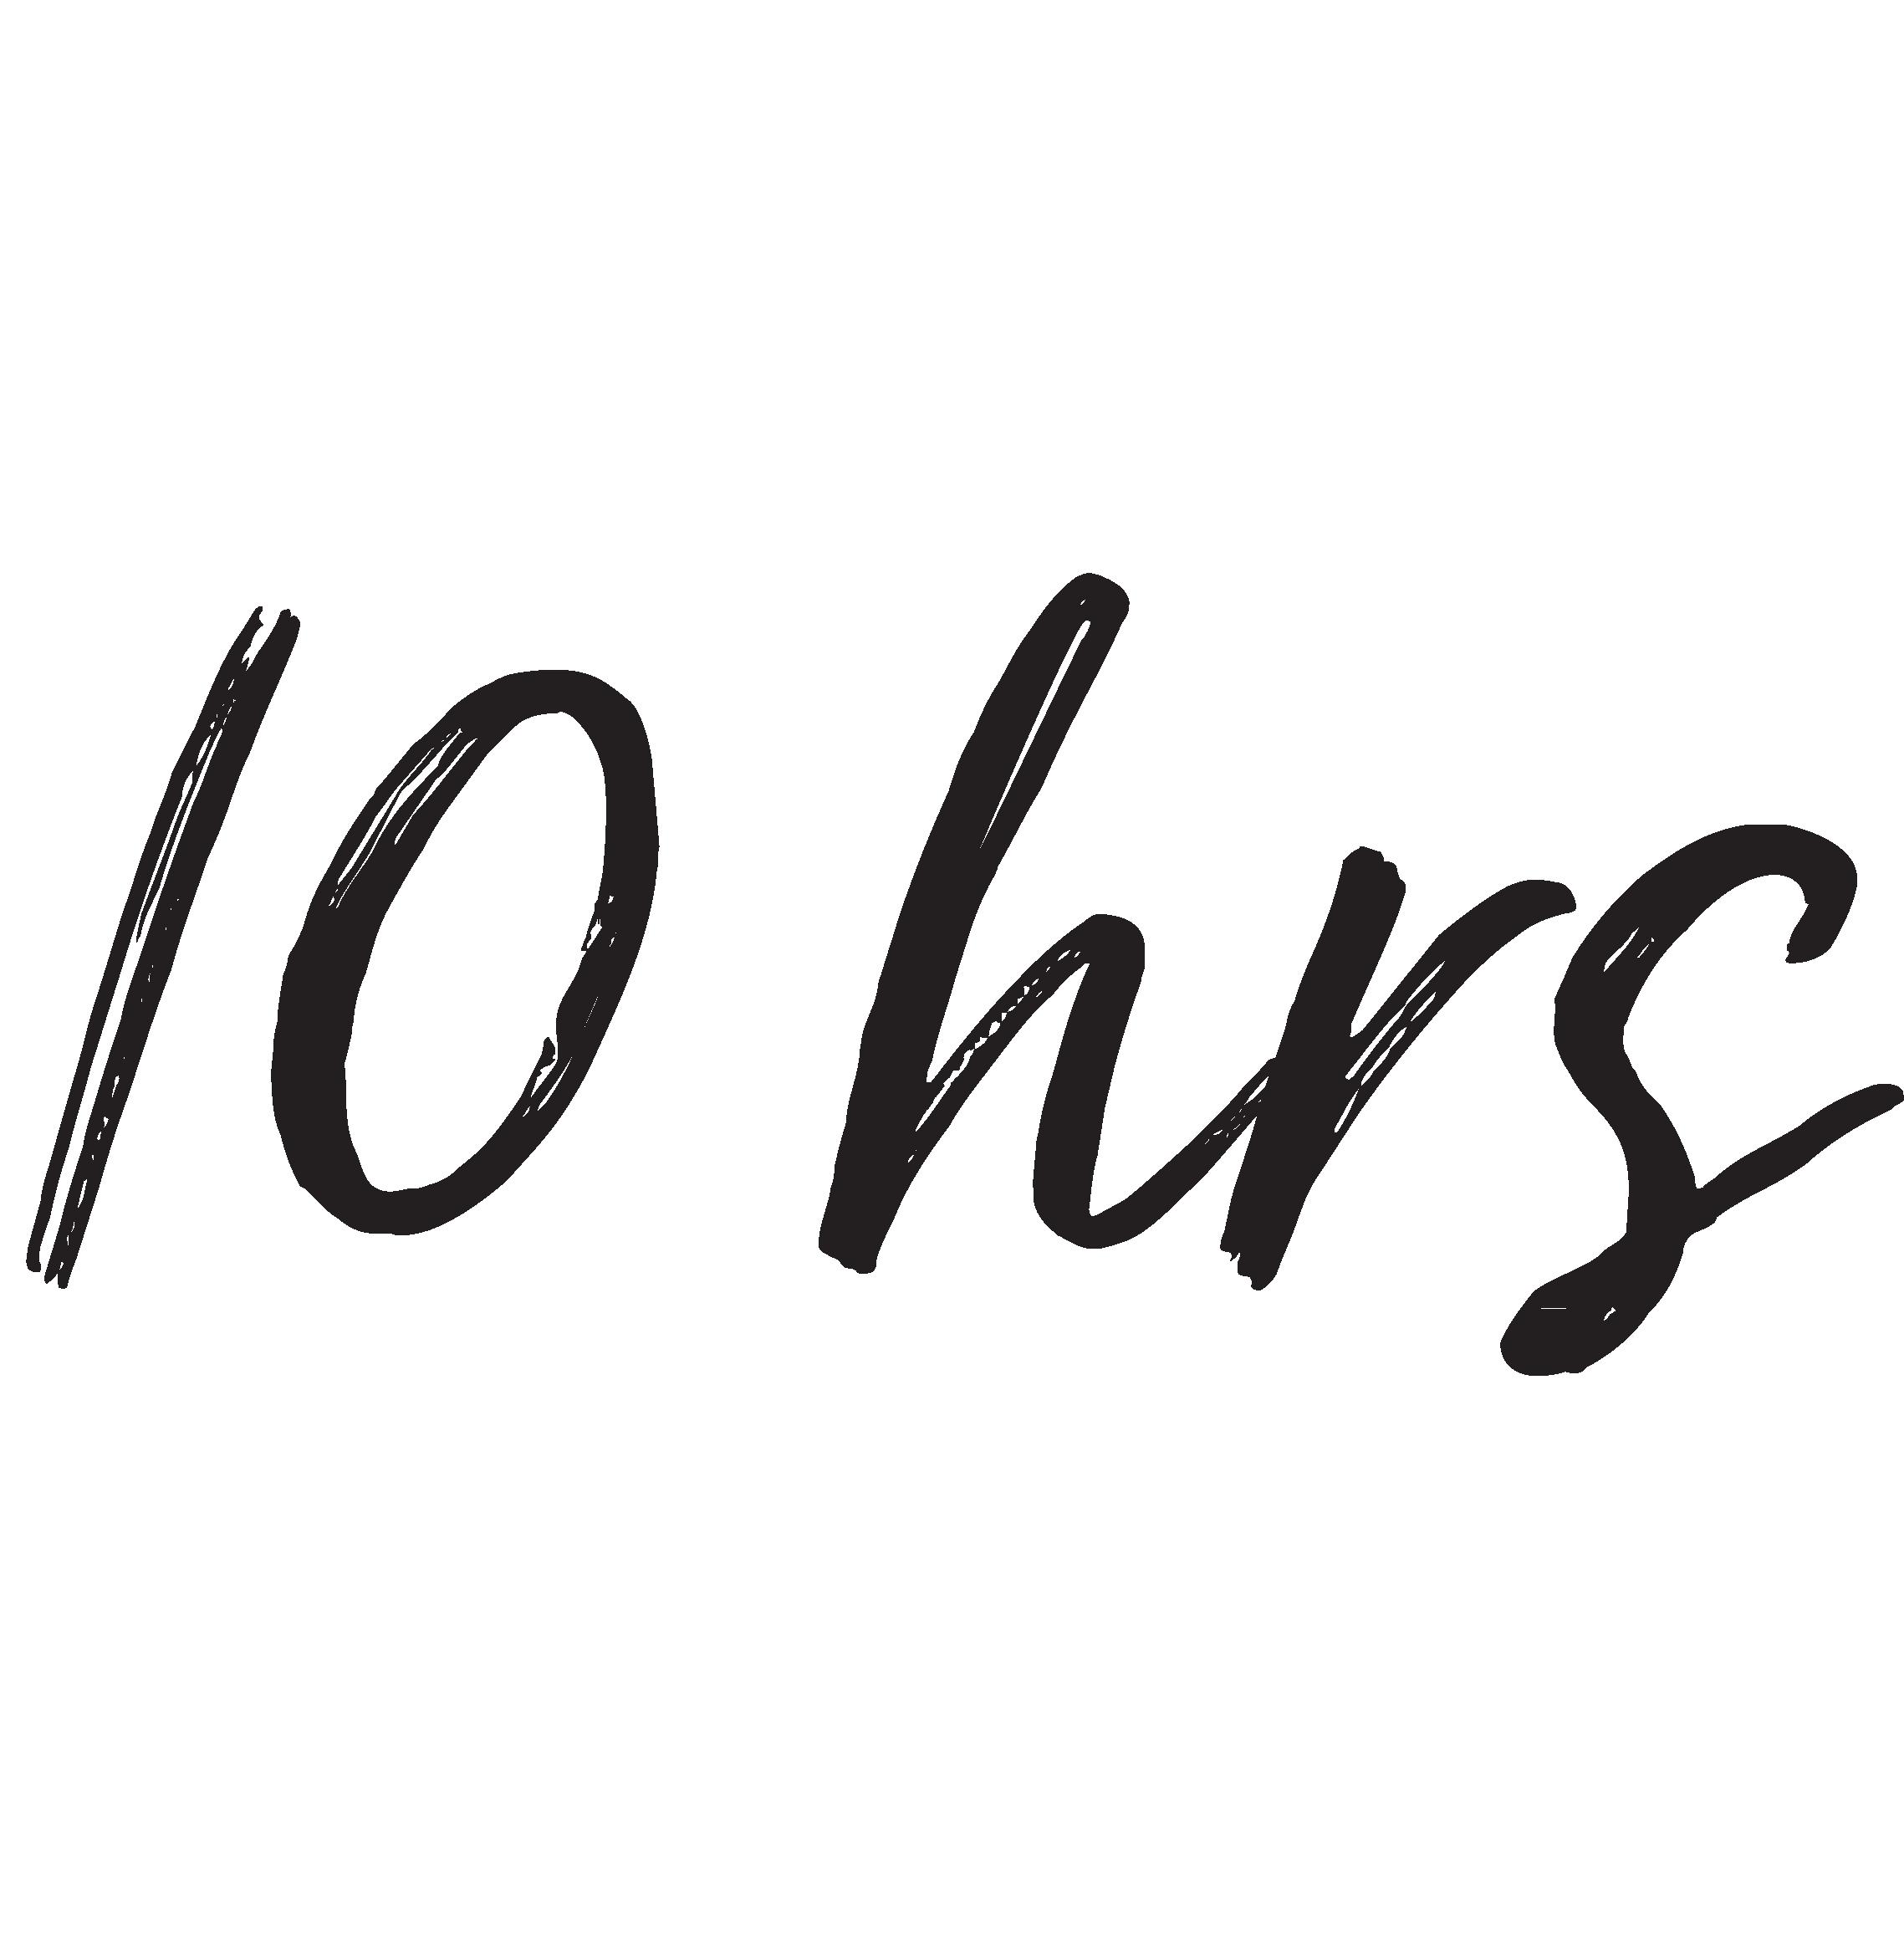 10hrs